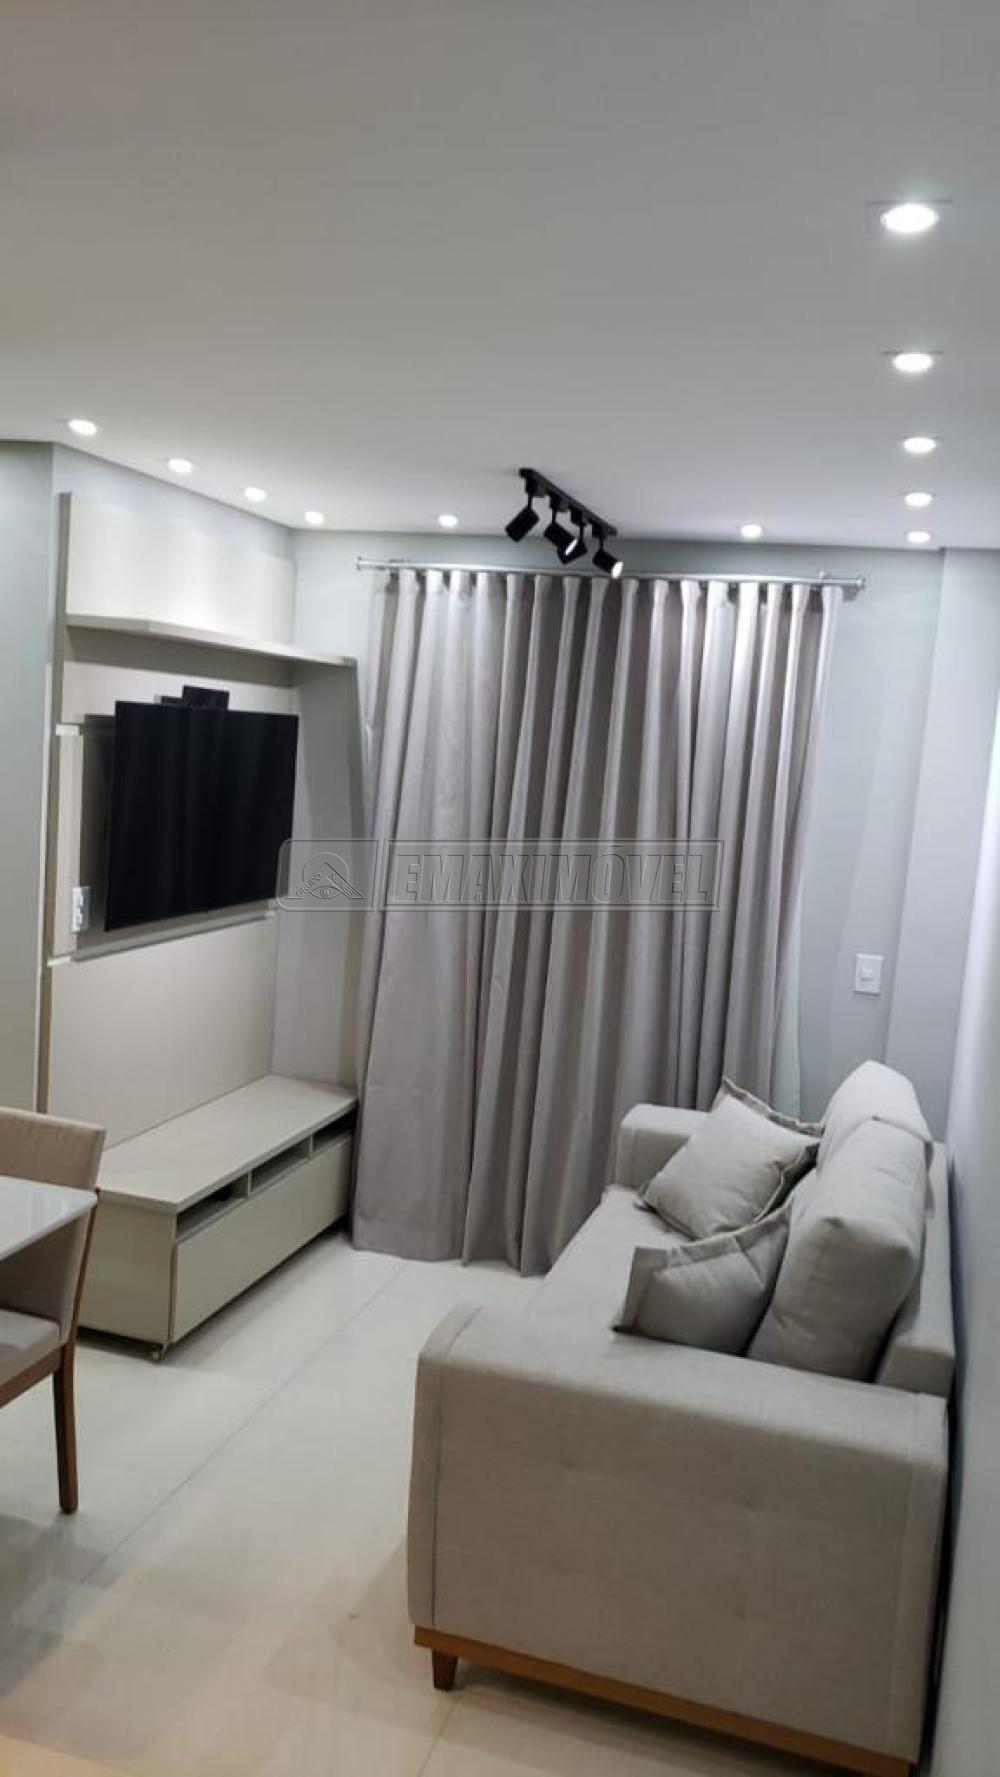 Alugar Apartamento / Padrão em Sorocaba R$ 1.600,00 - Foto 3